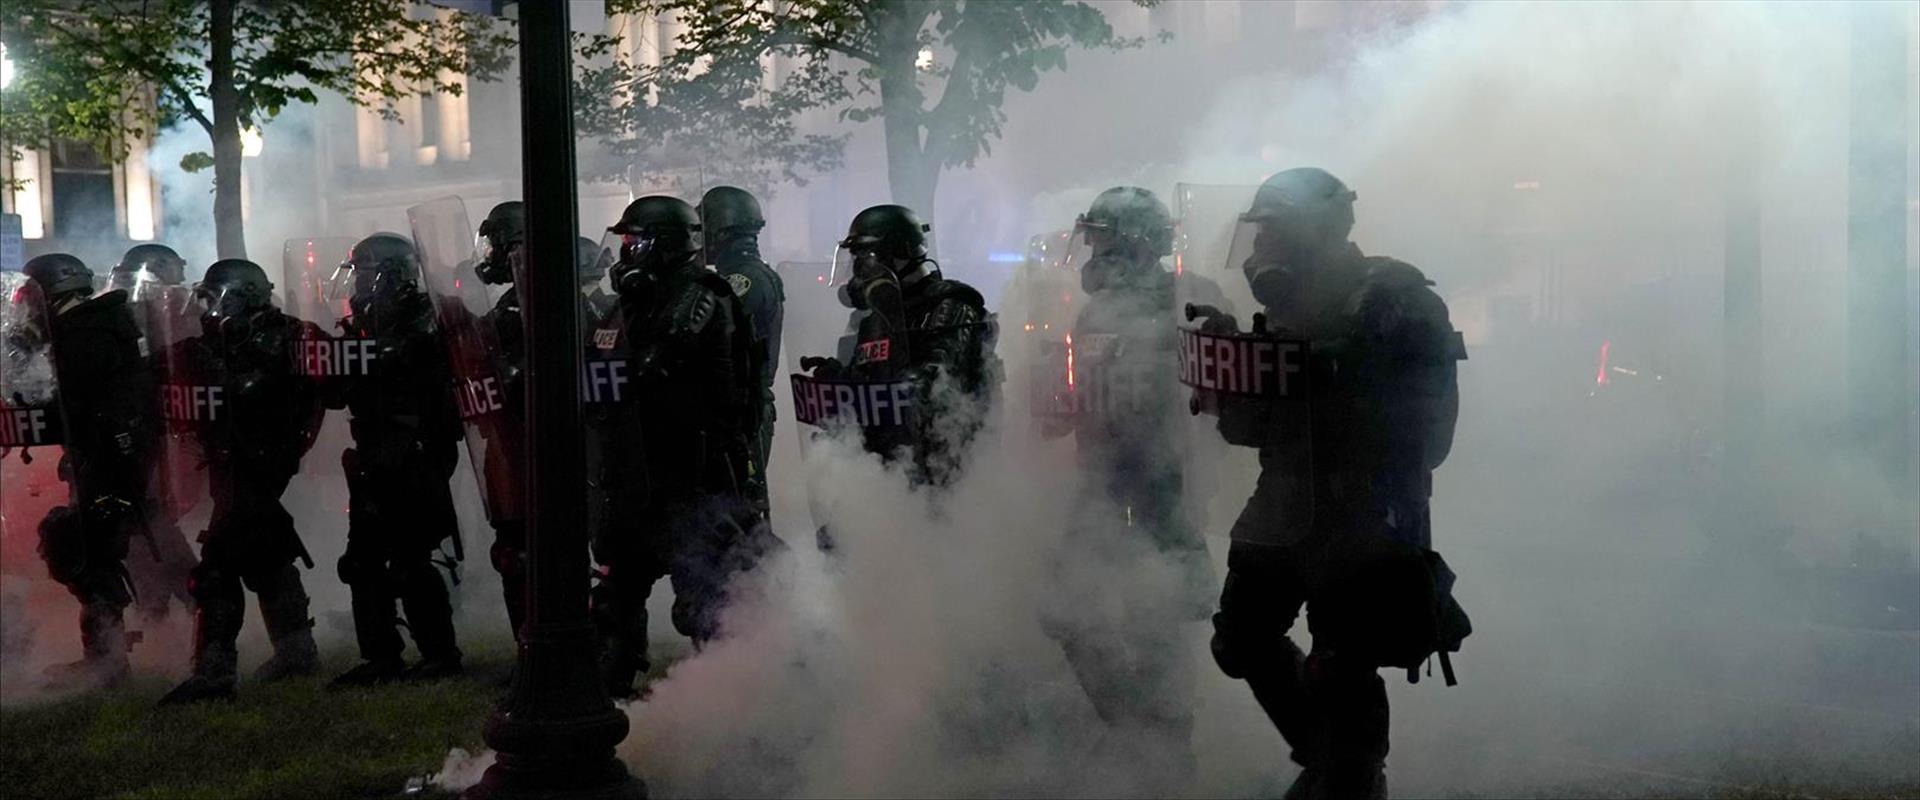 מהומות בוויסקונסין